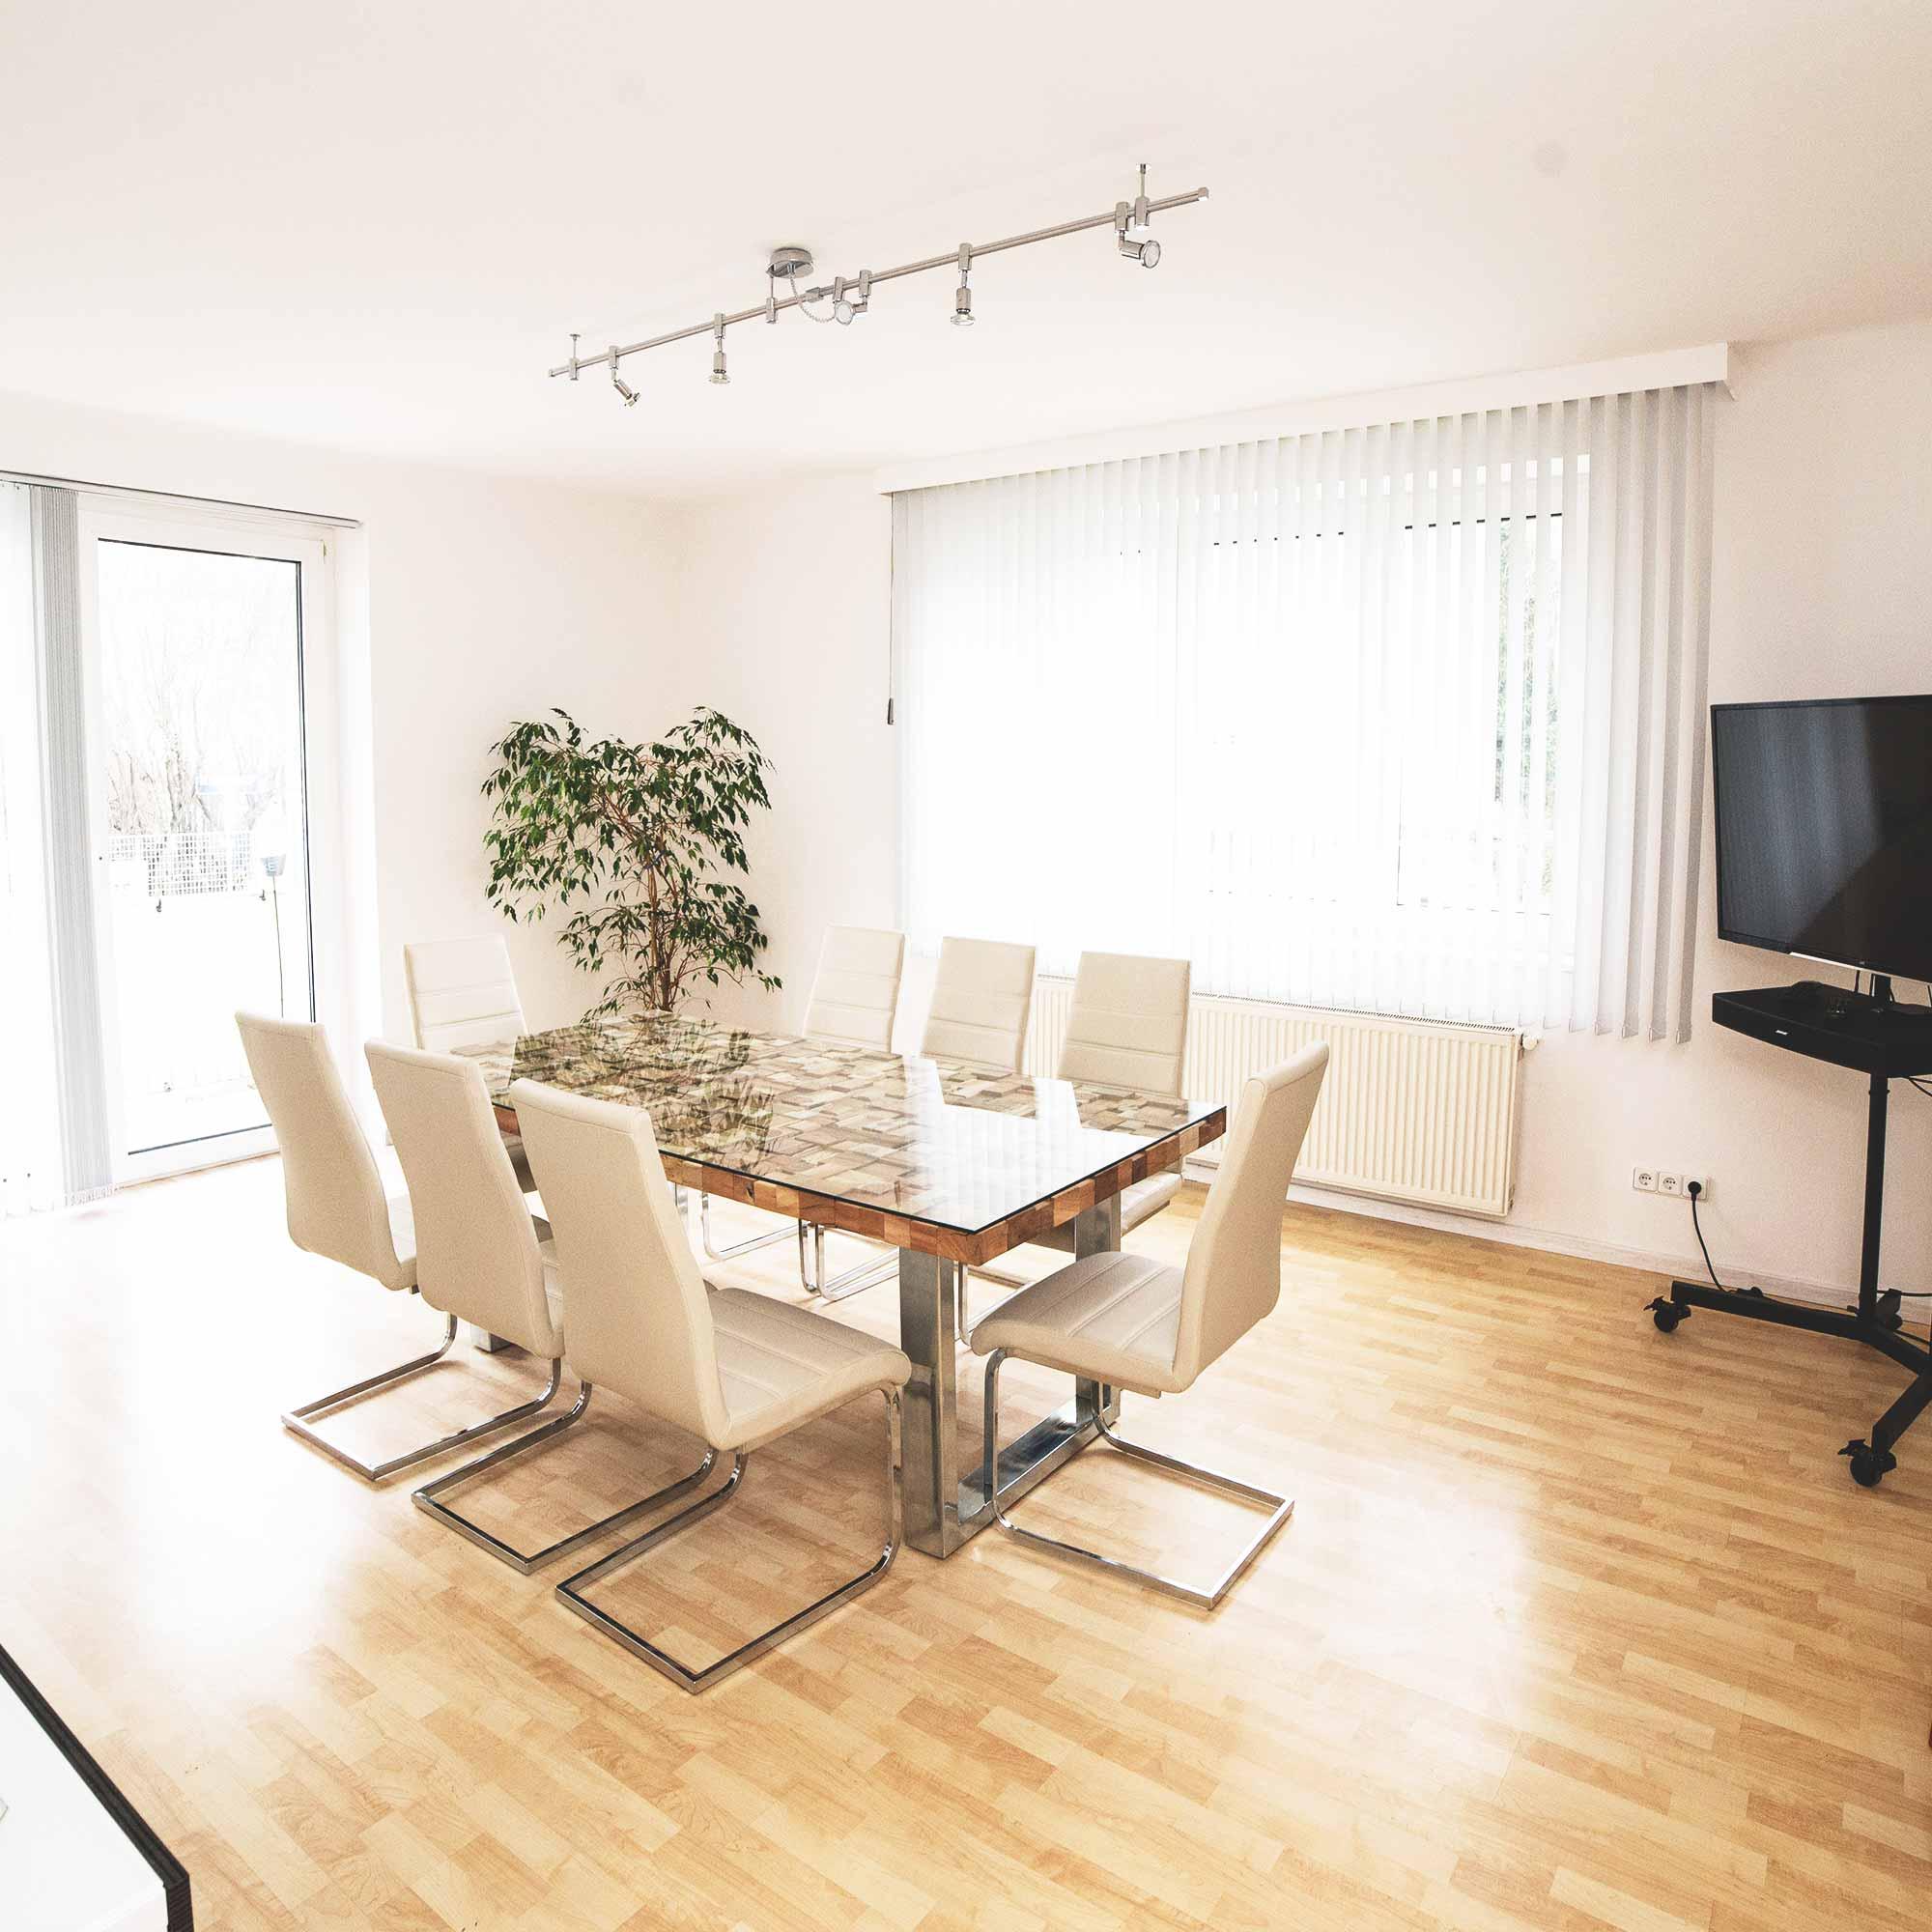 Besprechungsraum mit Tisch, Sesseln und Fernseher